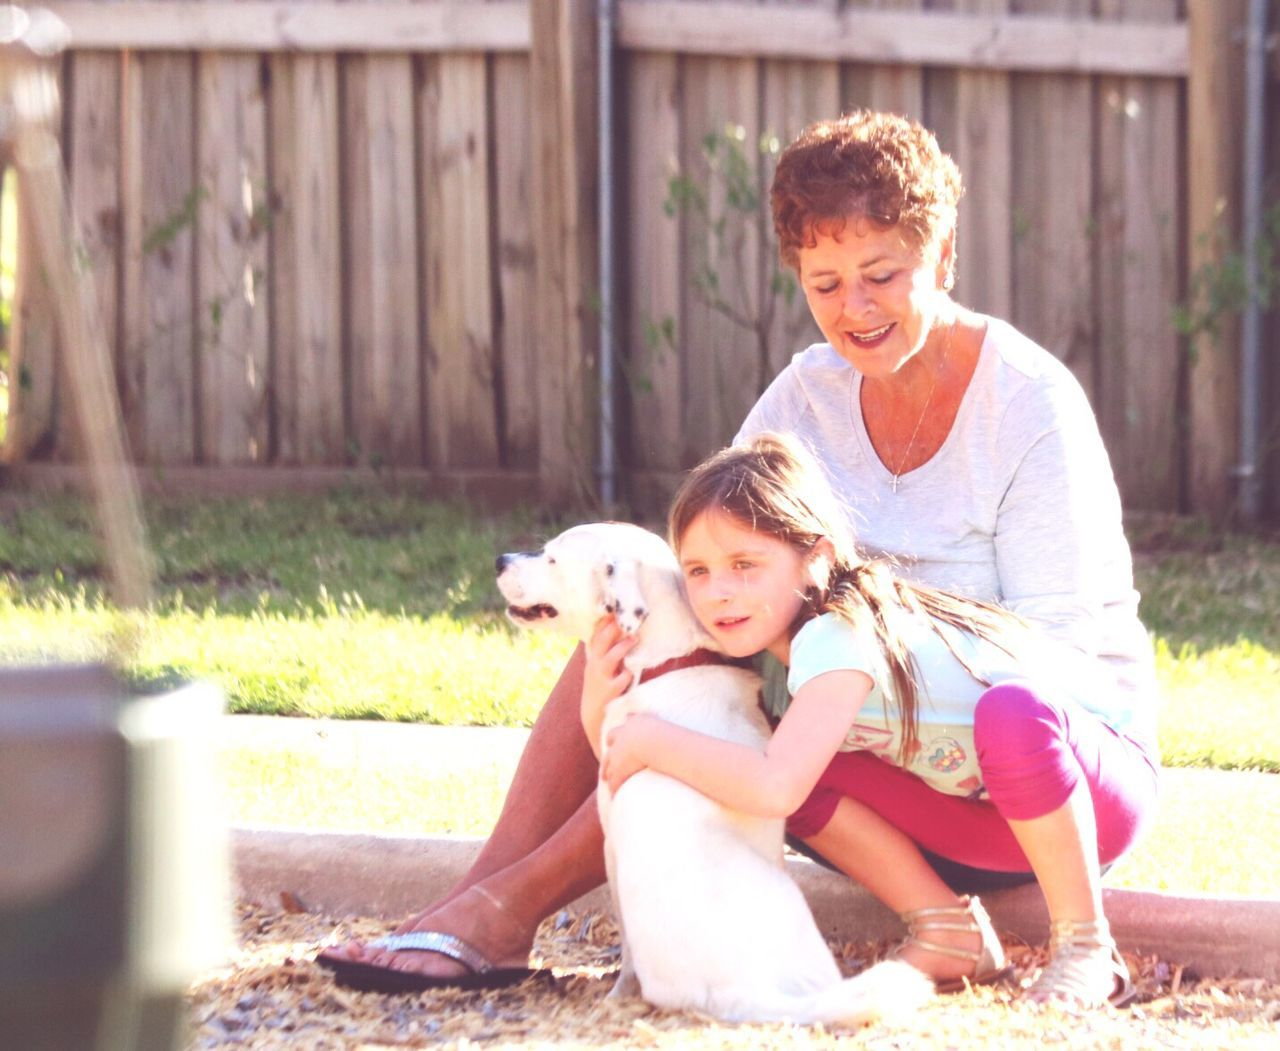 Grandmother Grand Daughter Family Retired Park Dog And Little Girl Seniors